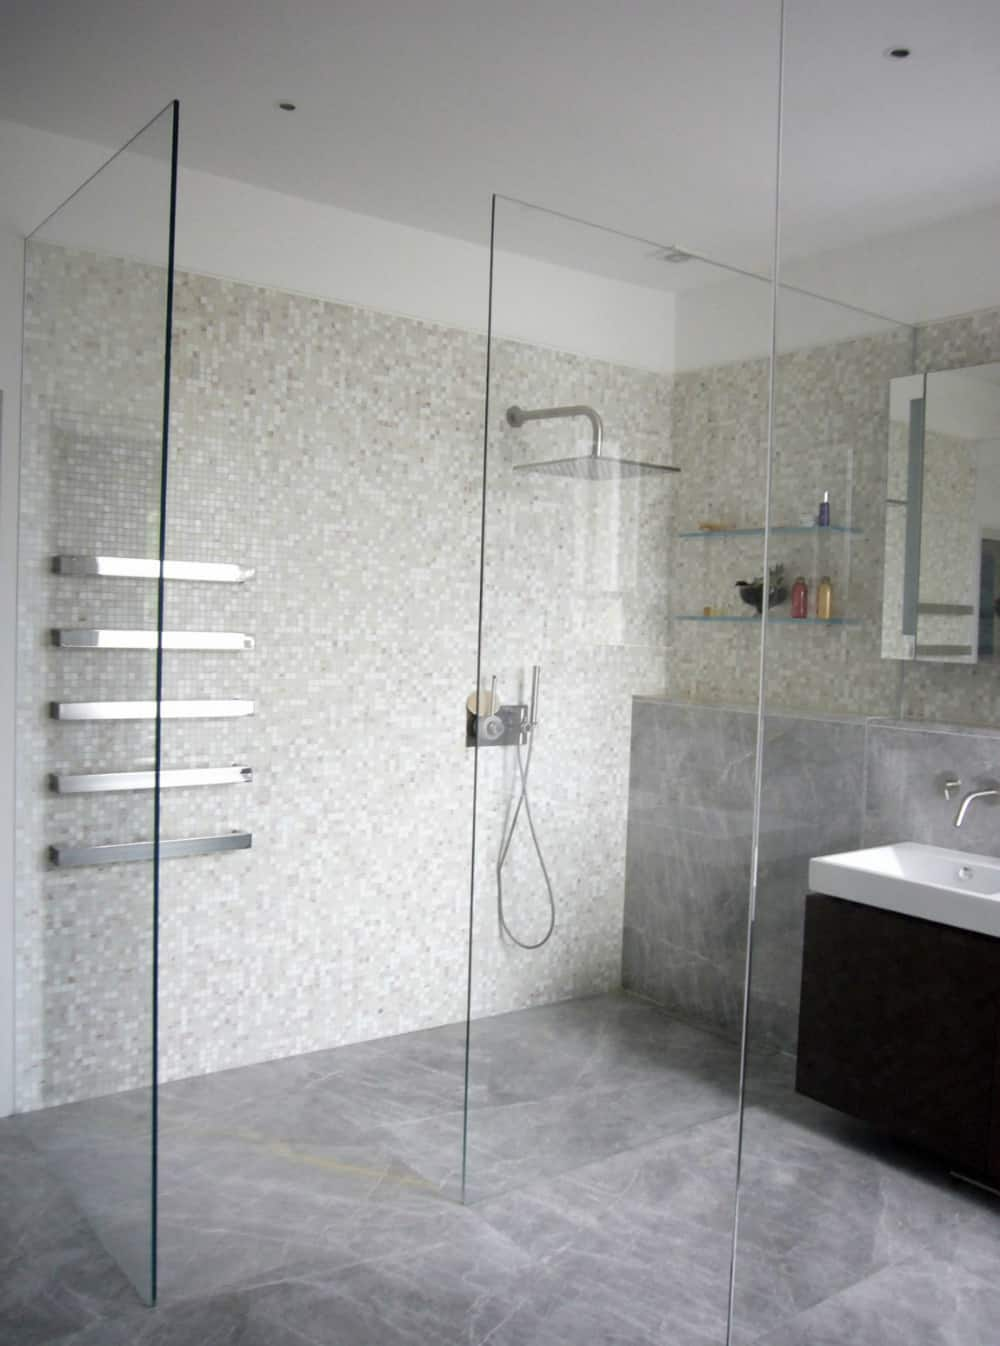 Generous shower stall